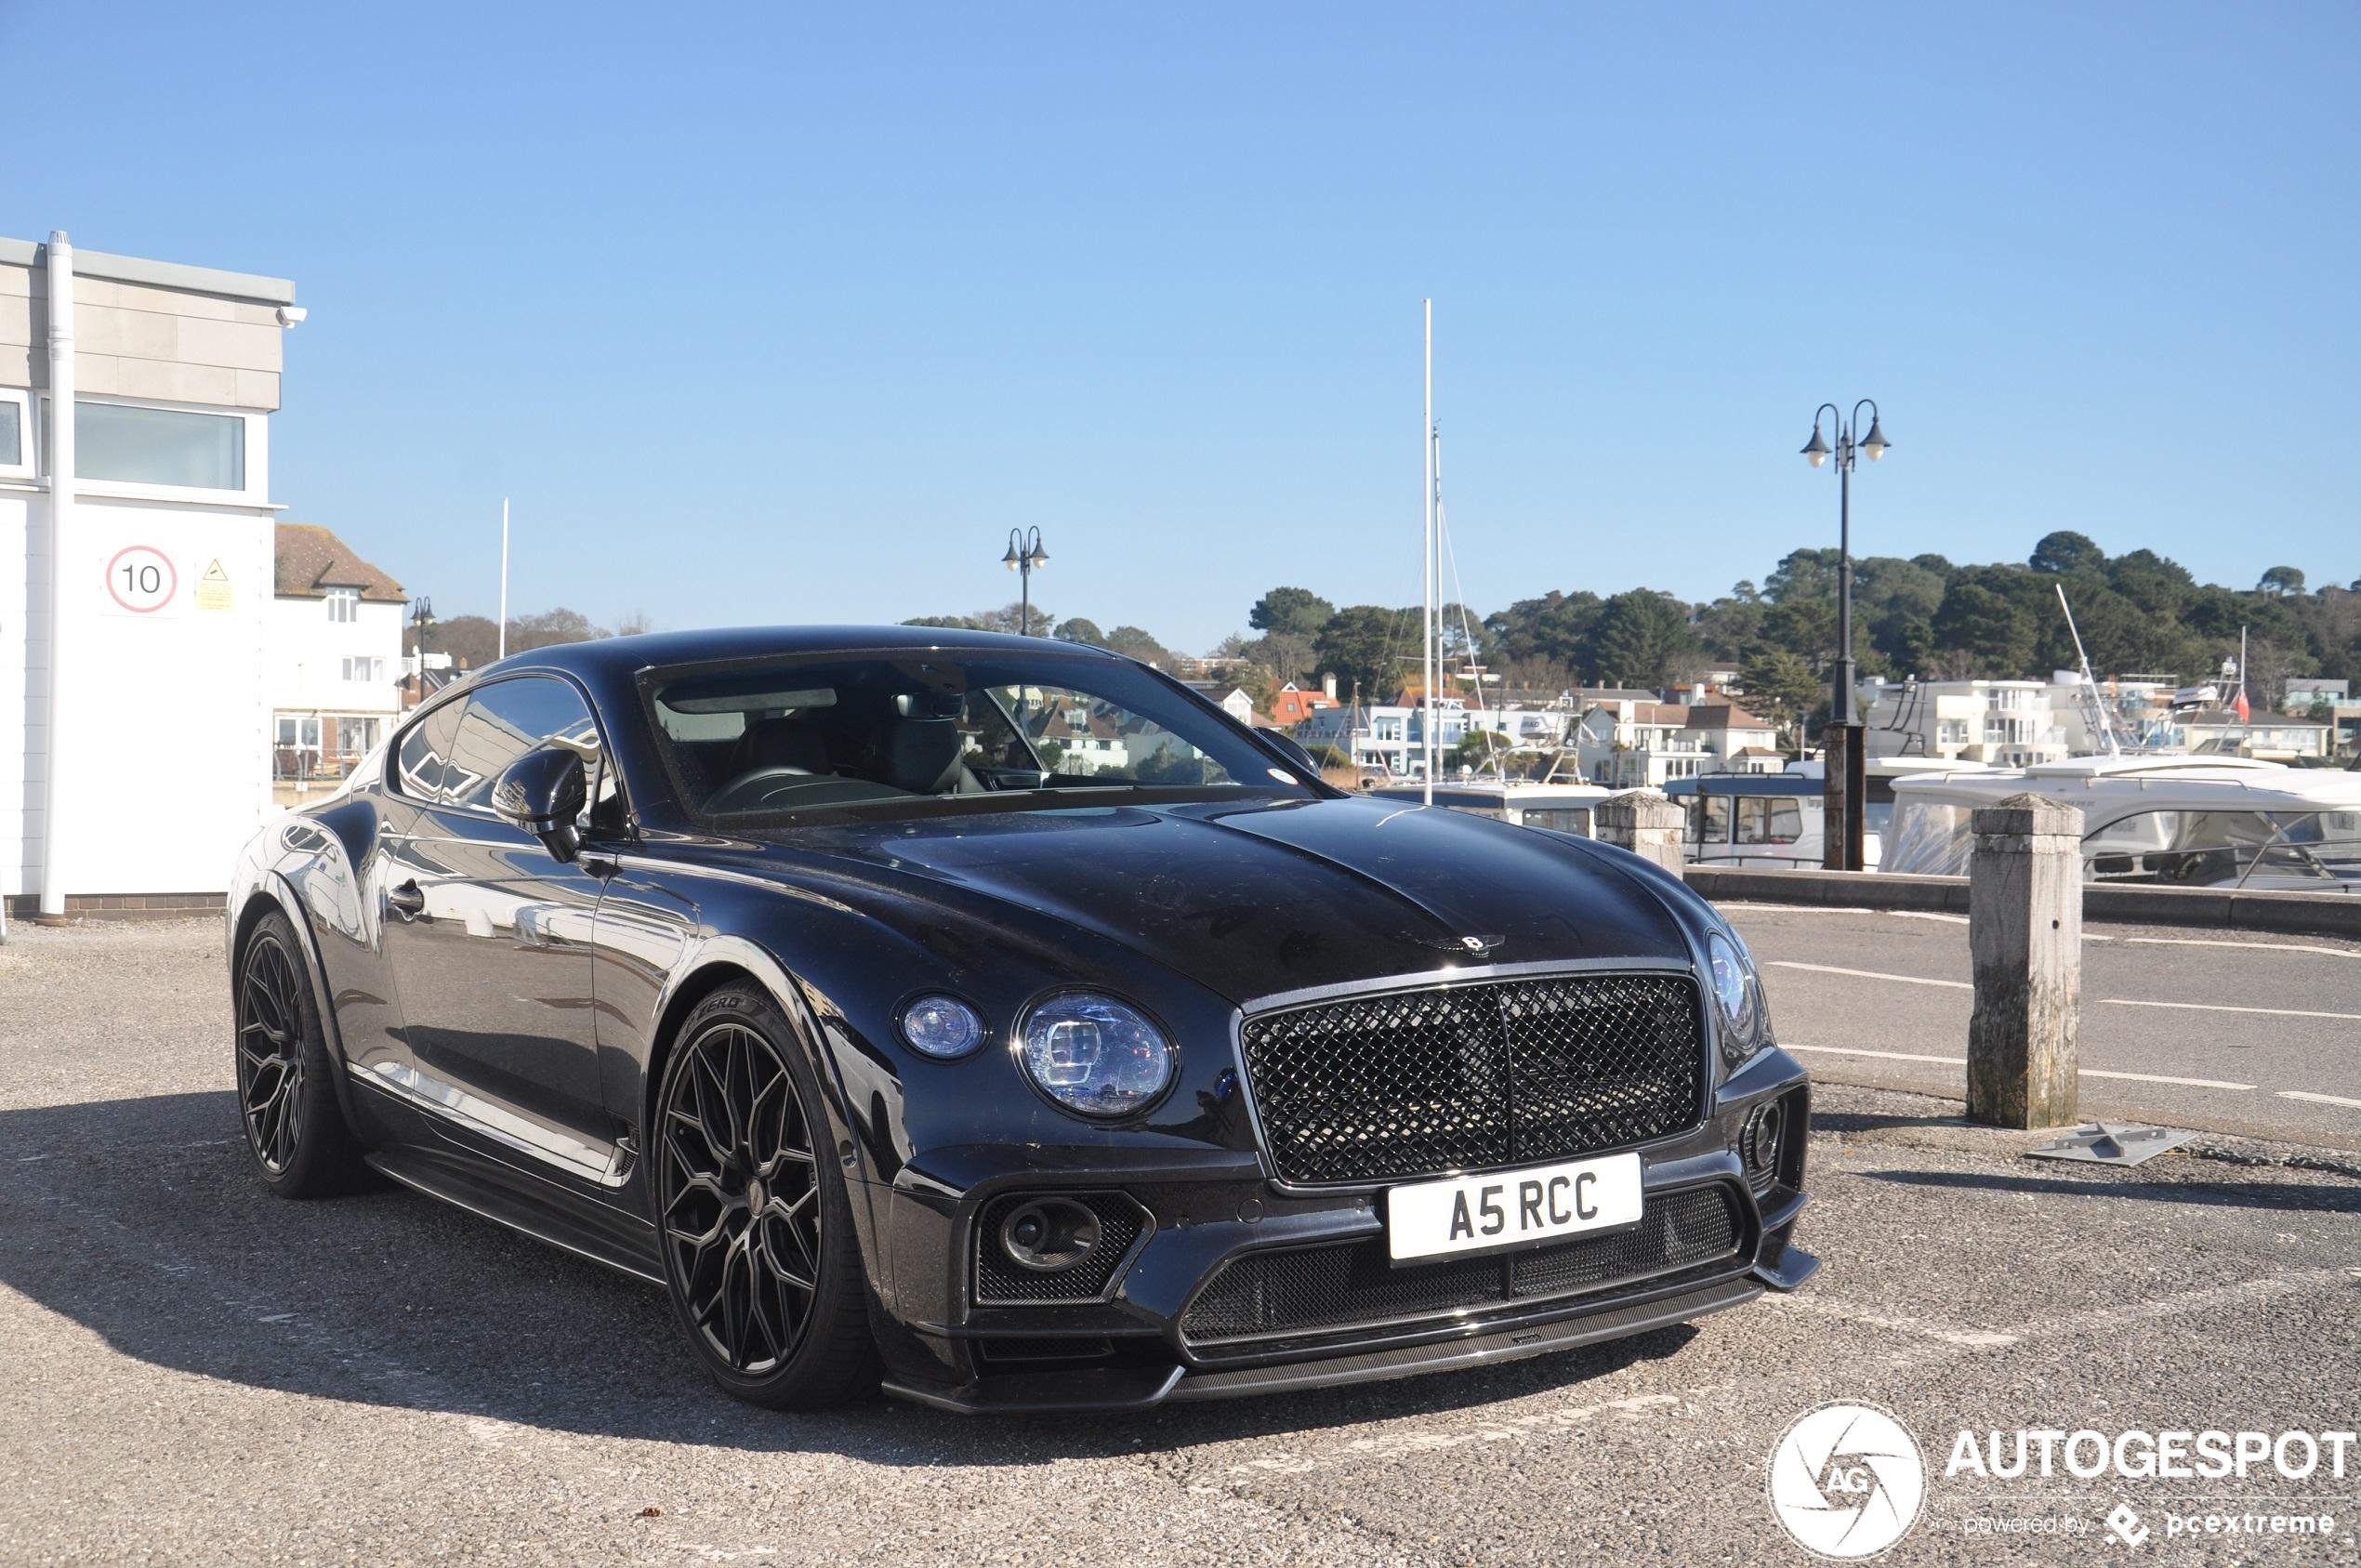 Bentley Continental GT 2018 Urban Automotive